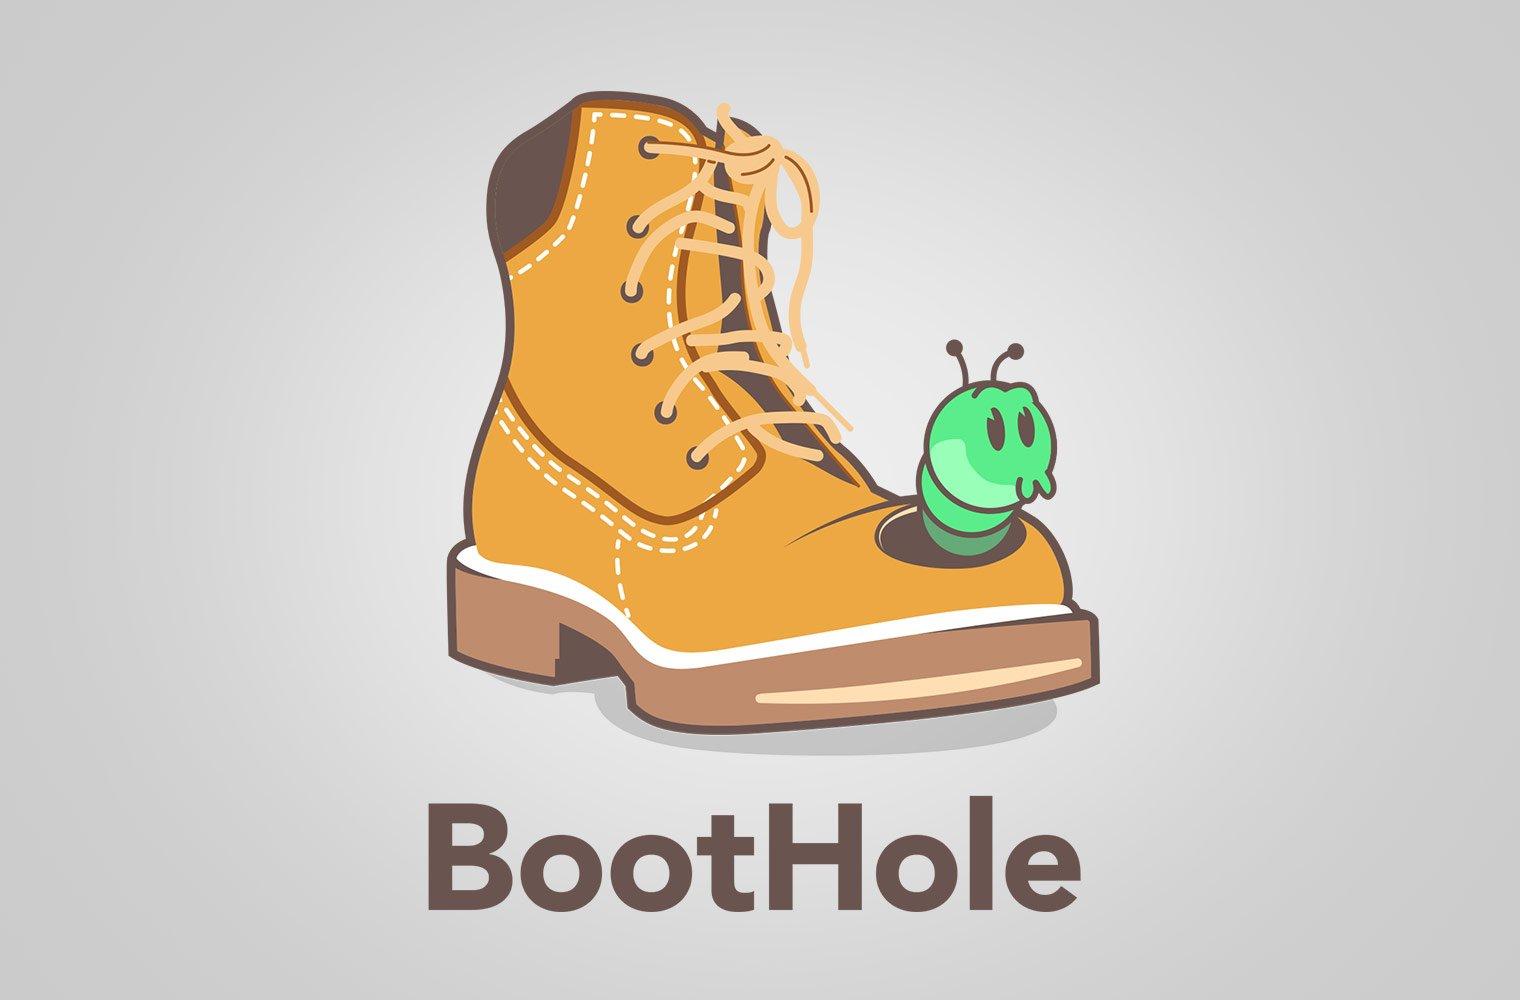 39 boothole